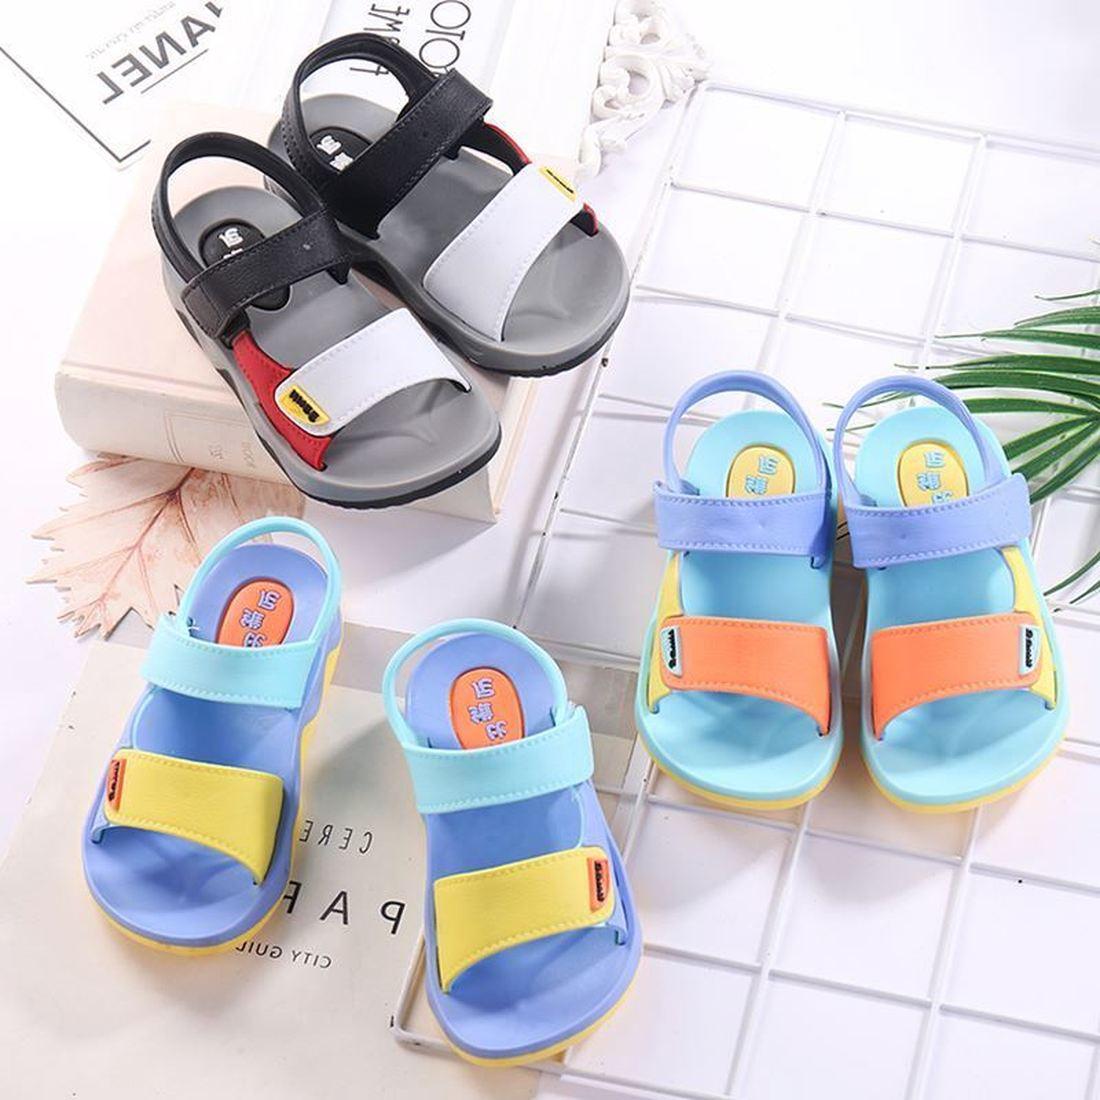 Anne ve Çocuk'ten Sandaletler'de Yaz sandalet kore versiyonu yumuşak alt aşınmaya dayanıklı kız çocuk ayakkabısı çocuk sandaletleri erkek/kız rahat anti skid plaj ayakkabısı title=